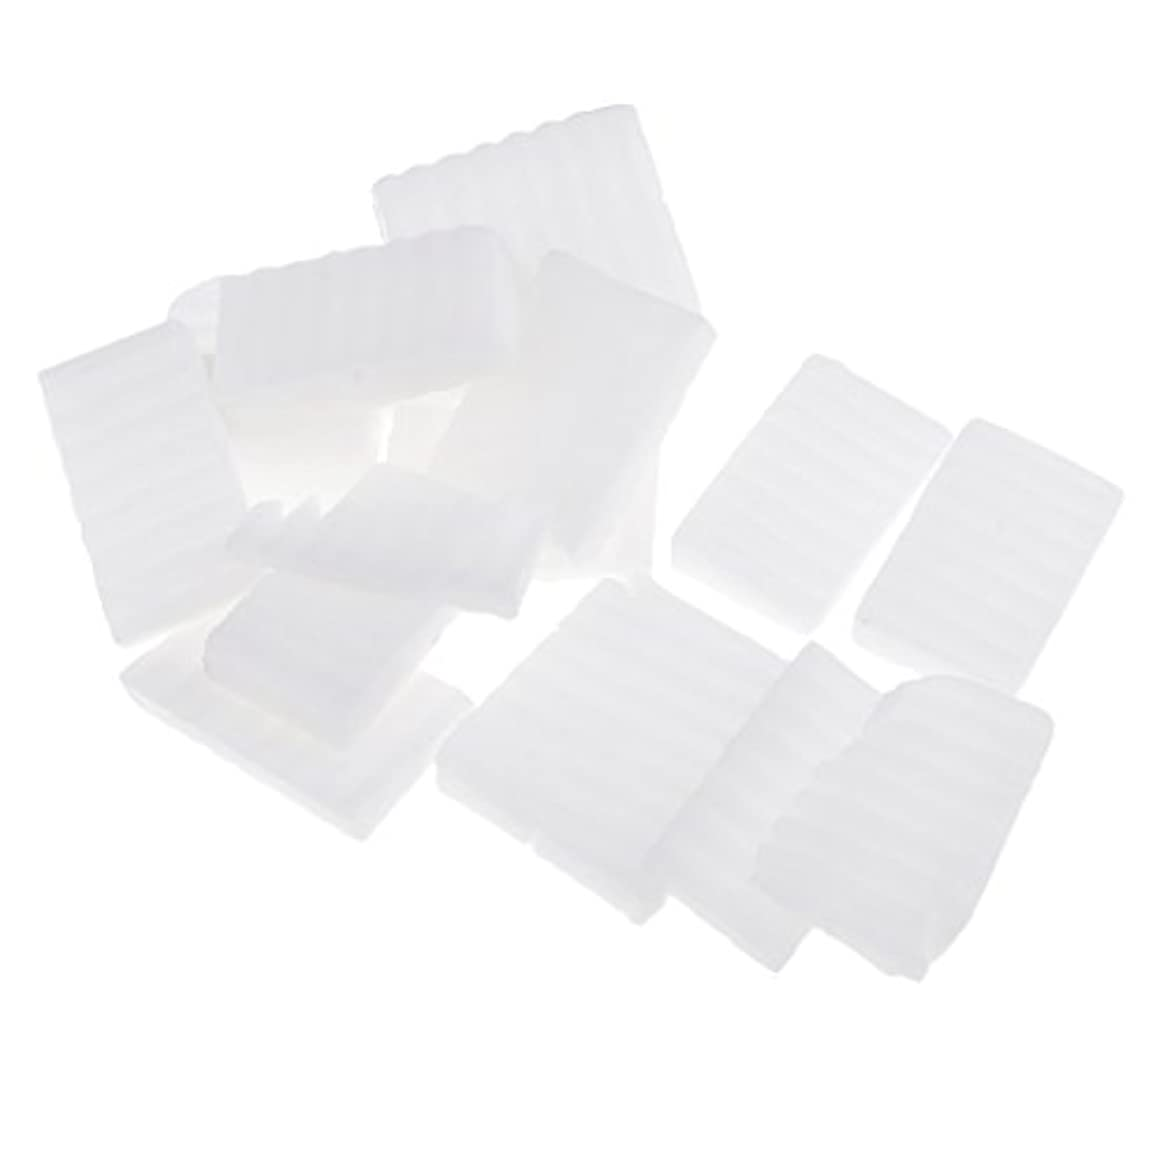 禁止ゲージ癒すPerfeclan 約500g ホワイト 石鹸ベース DIY 手作り 石鹸 材料